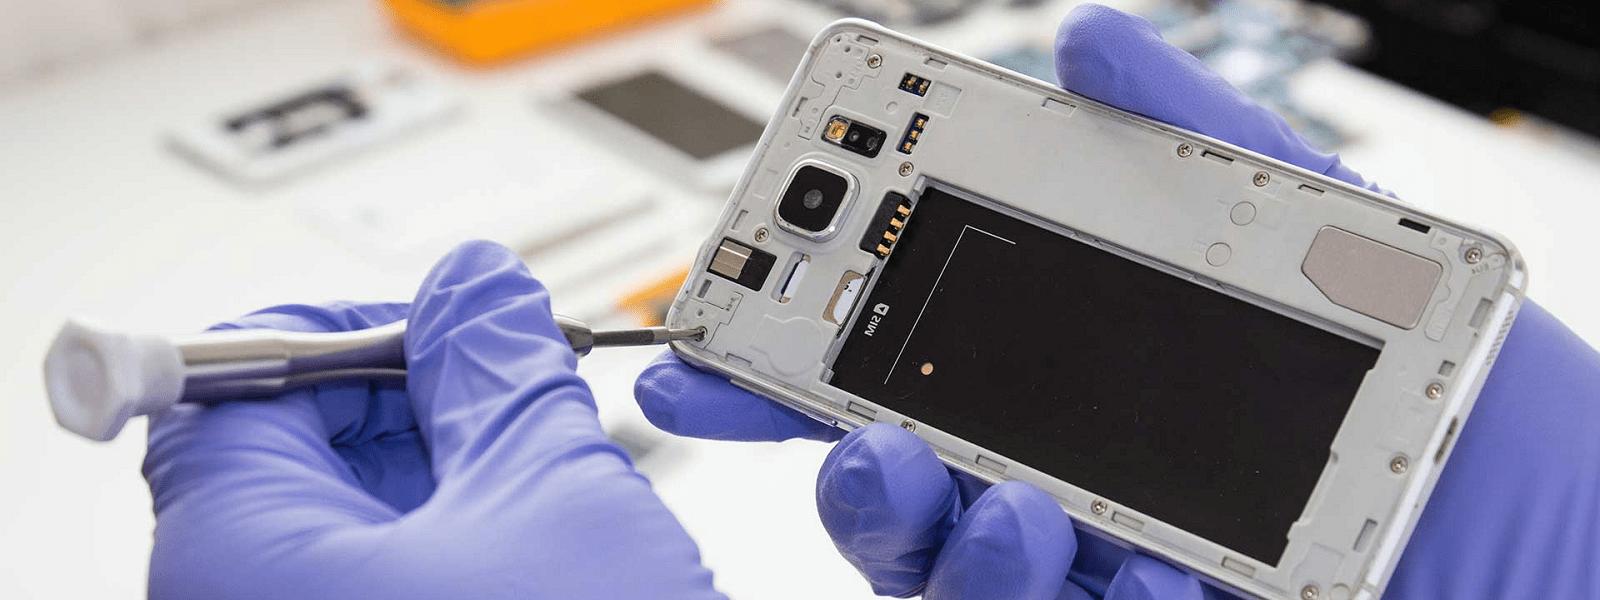 ремонт мобильных телефонов в сочи